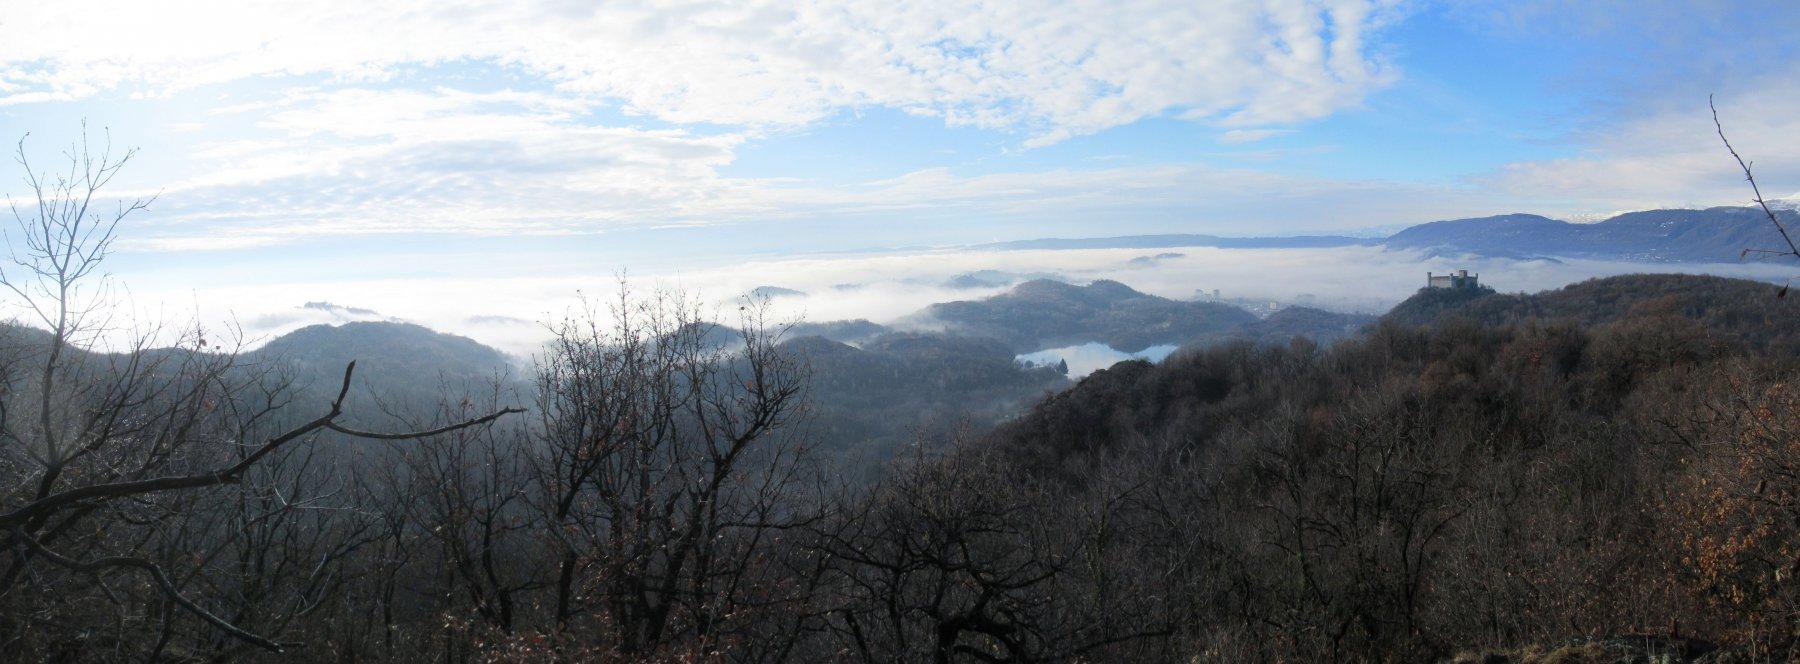 tra le colline avvolte dalla nebbia appare il Lago Pistono